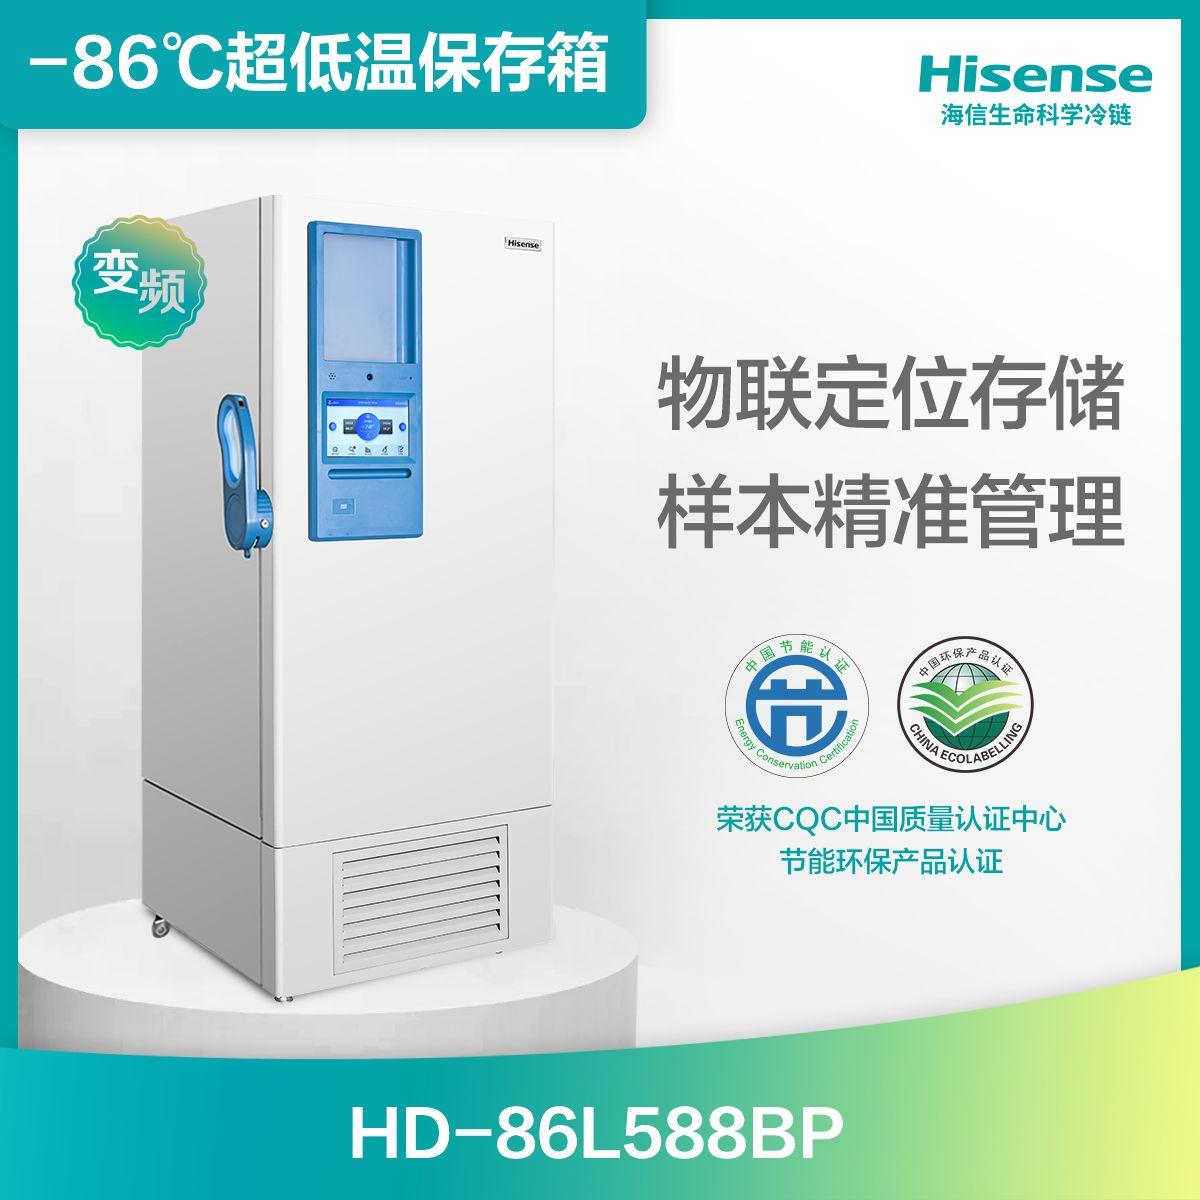 海信-86℃超低温保存箱